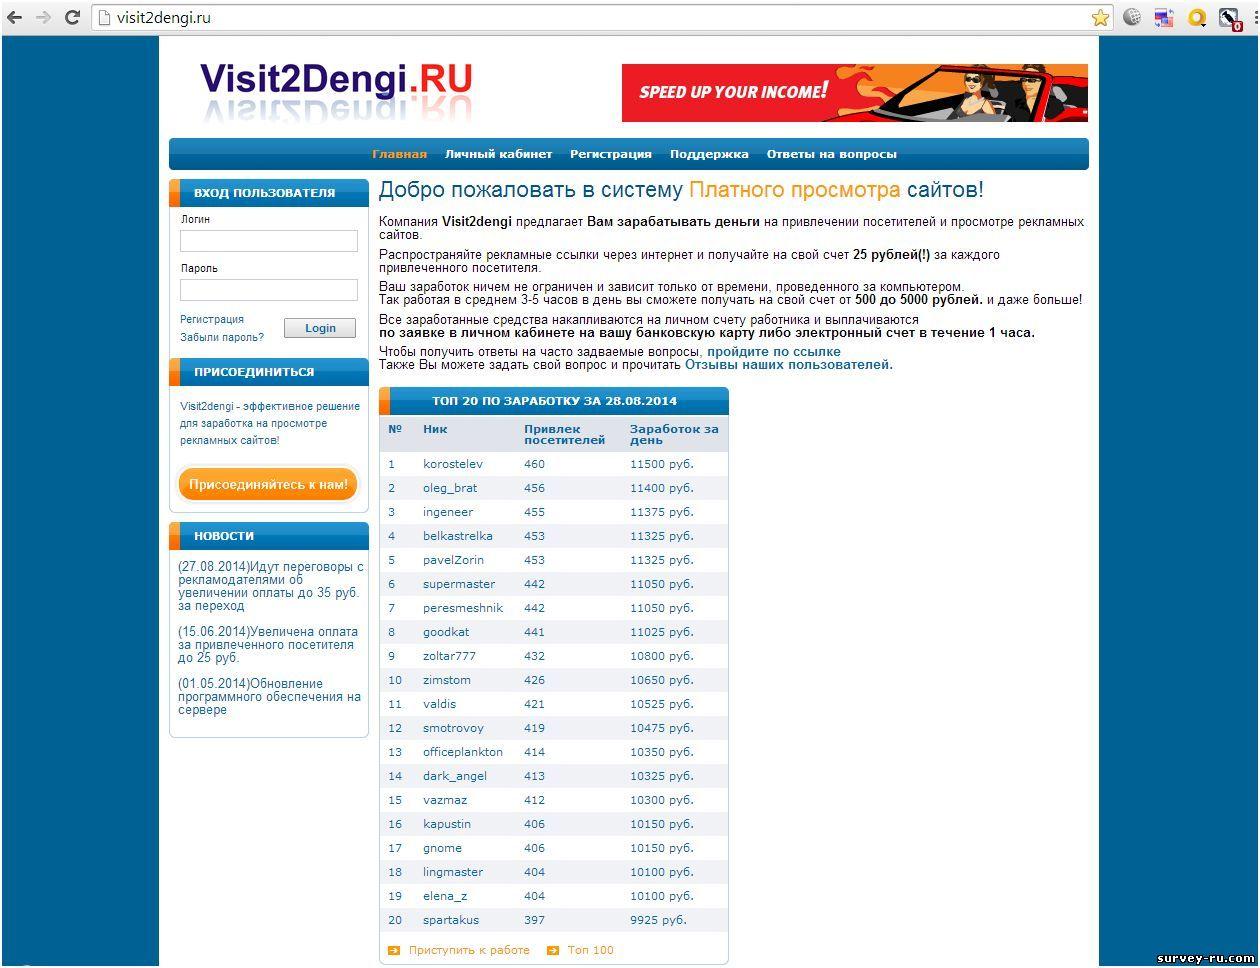 Серия мошеннических опросников visit2dengi.ru